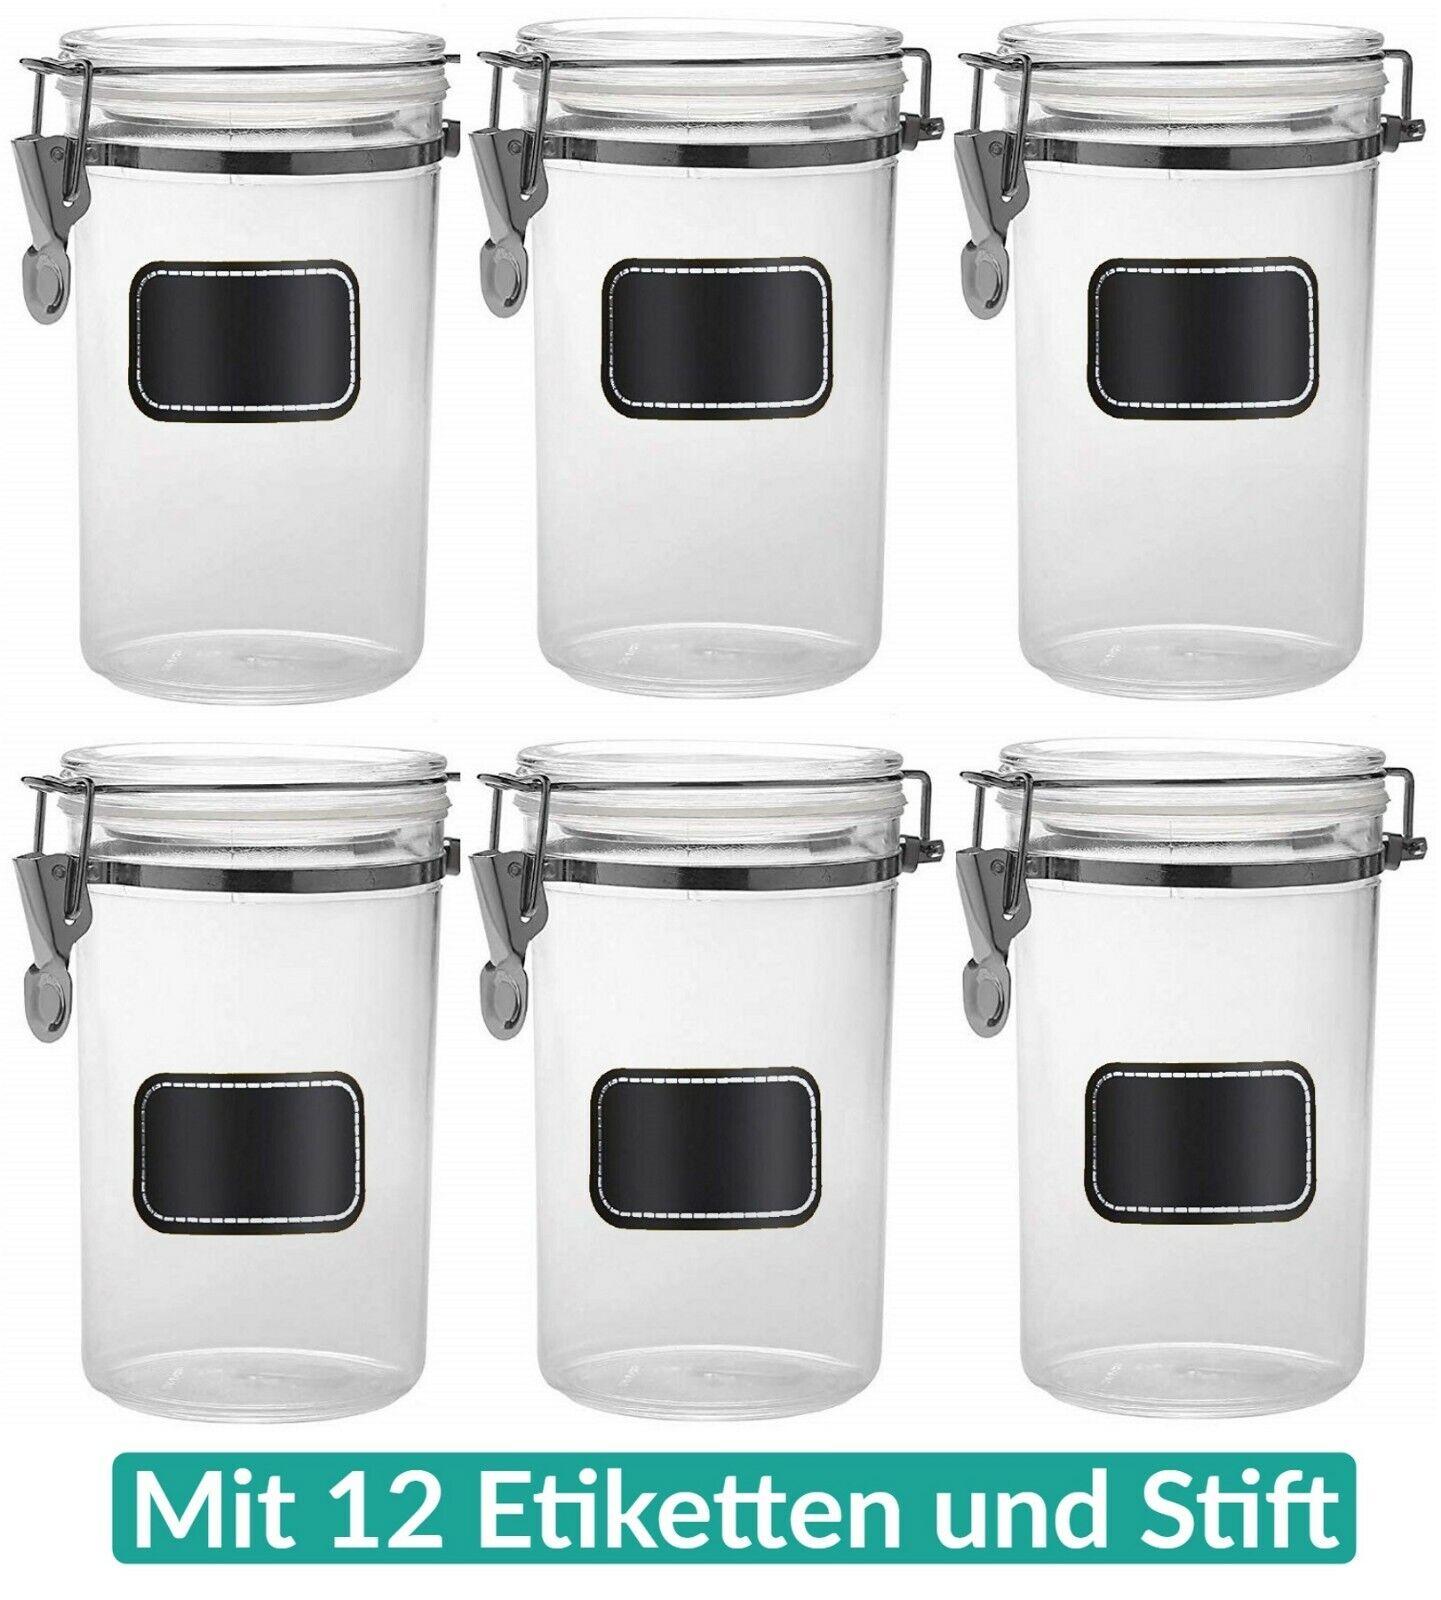 6 Vorratsdosen Set Vorrats Gläser Behälter Dosen 800ml Mehl Zucker Müsli Kaffee